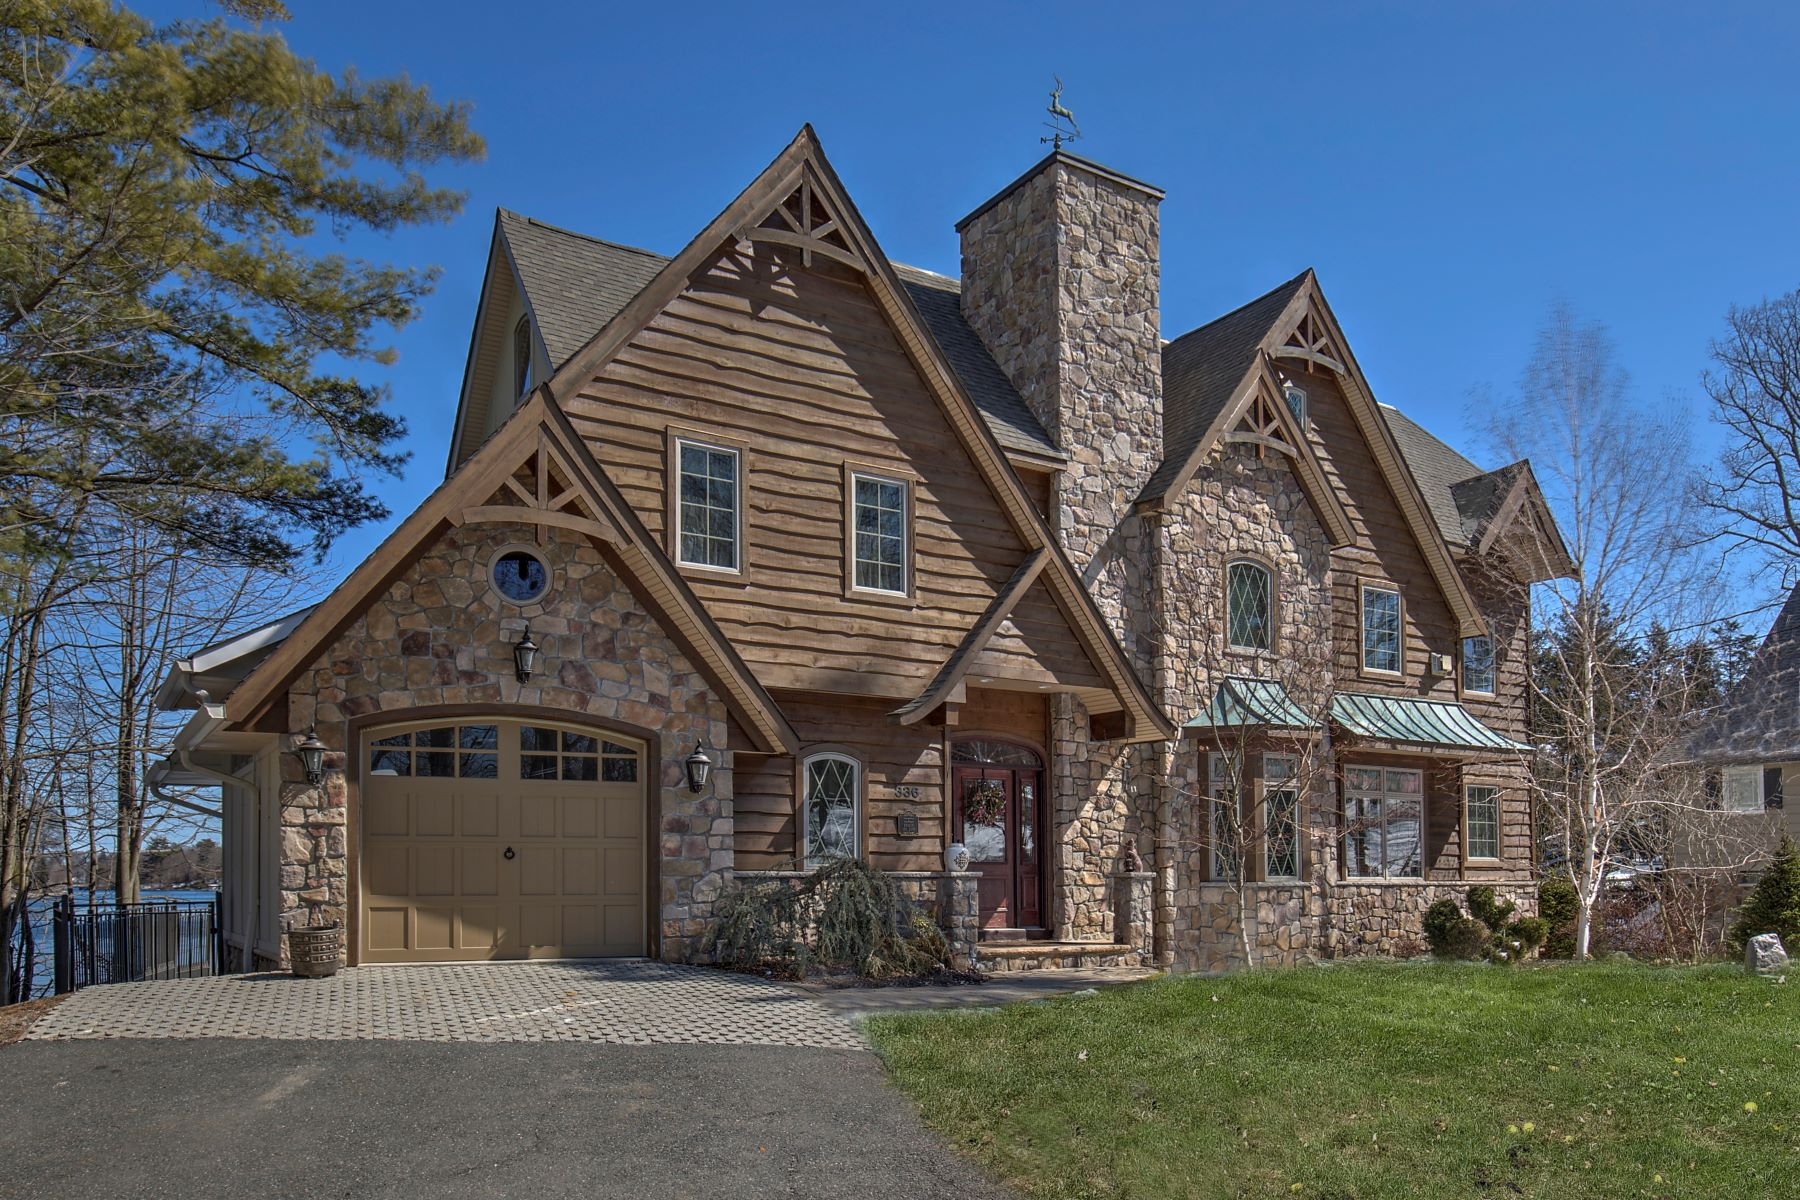 Частный односемейный дом для того Продажа на Unique Lake Front Home 336 West Shore Trail, Sparta, Нью-Джерси 07871 Соединенные Штаты